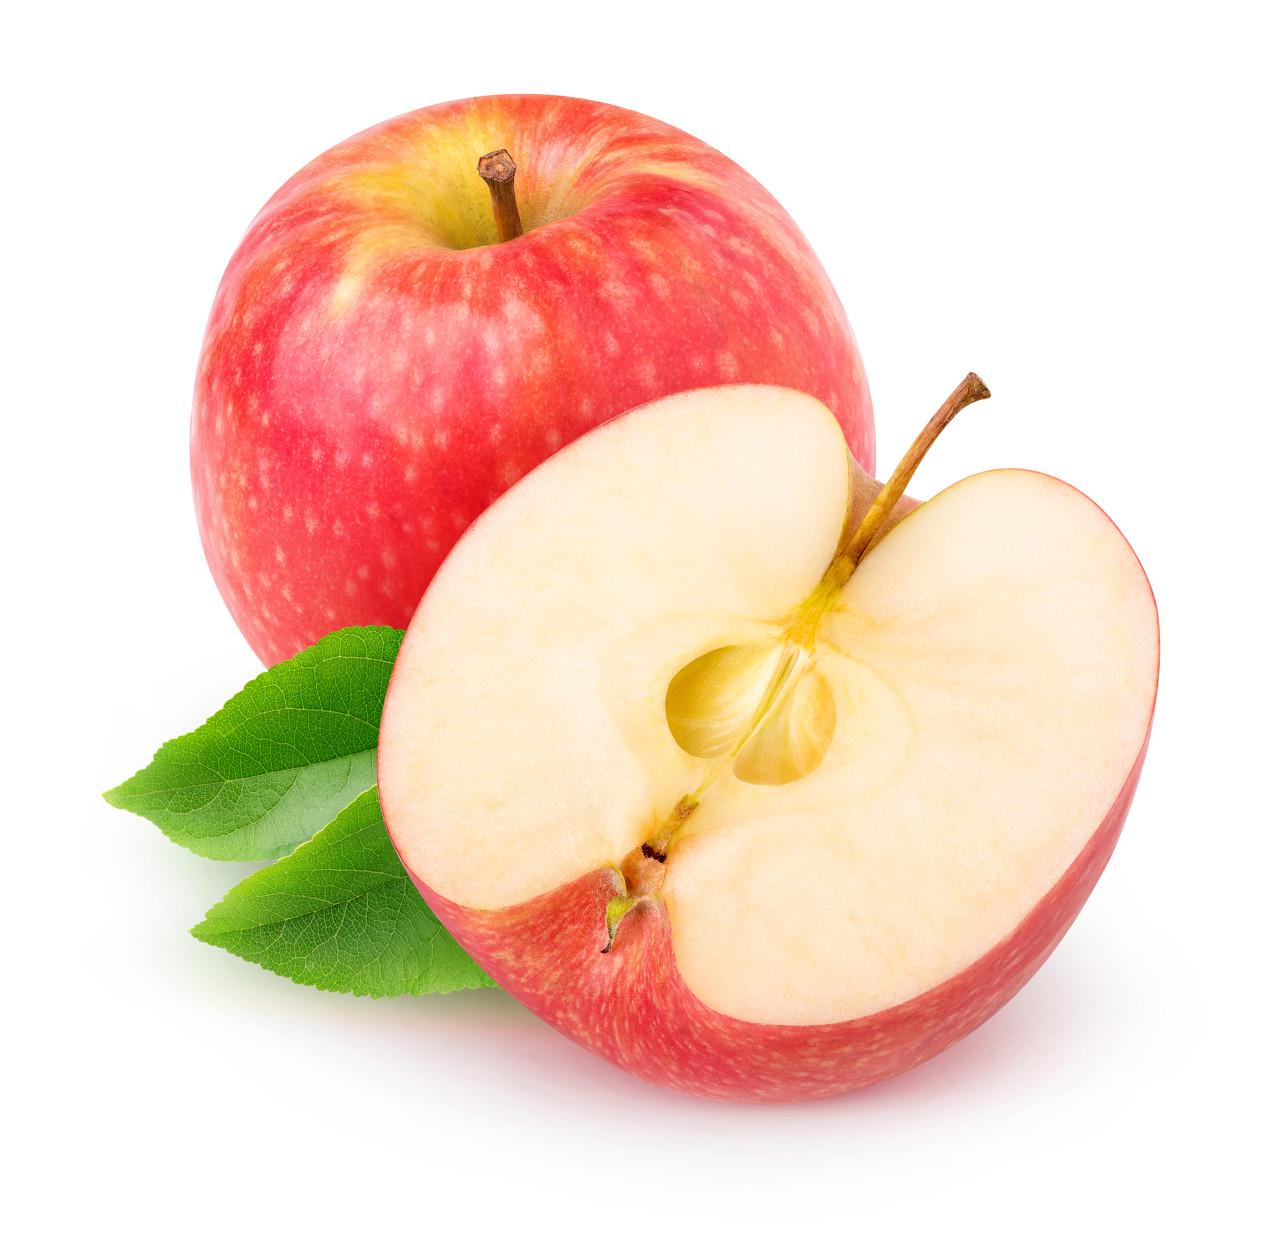 苹果滞销价格大跌 是什么原因导致的?